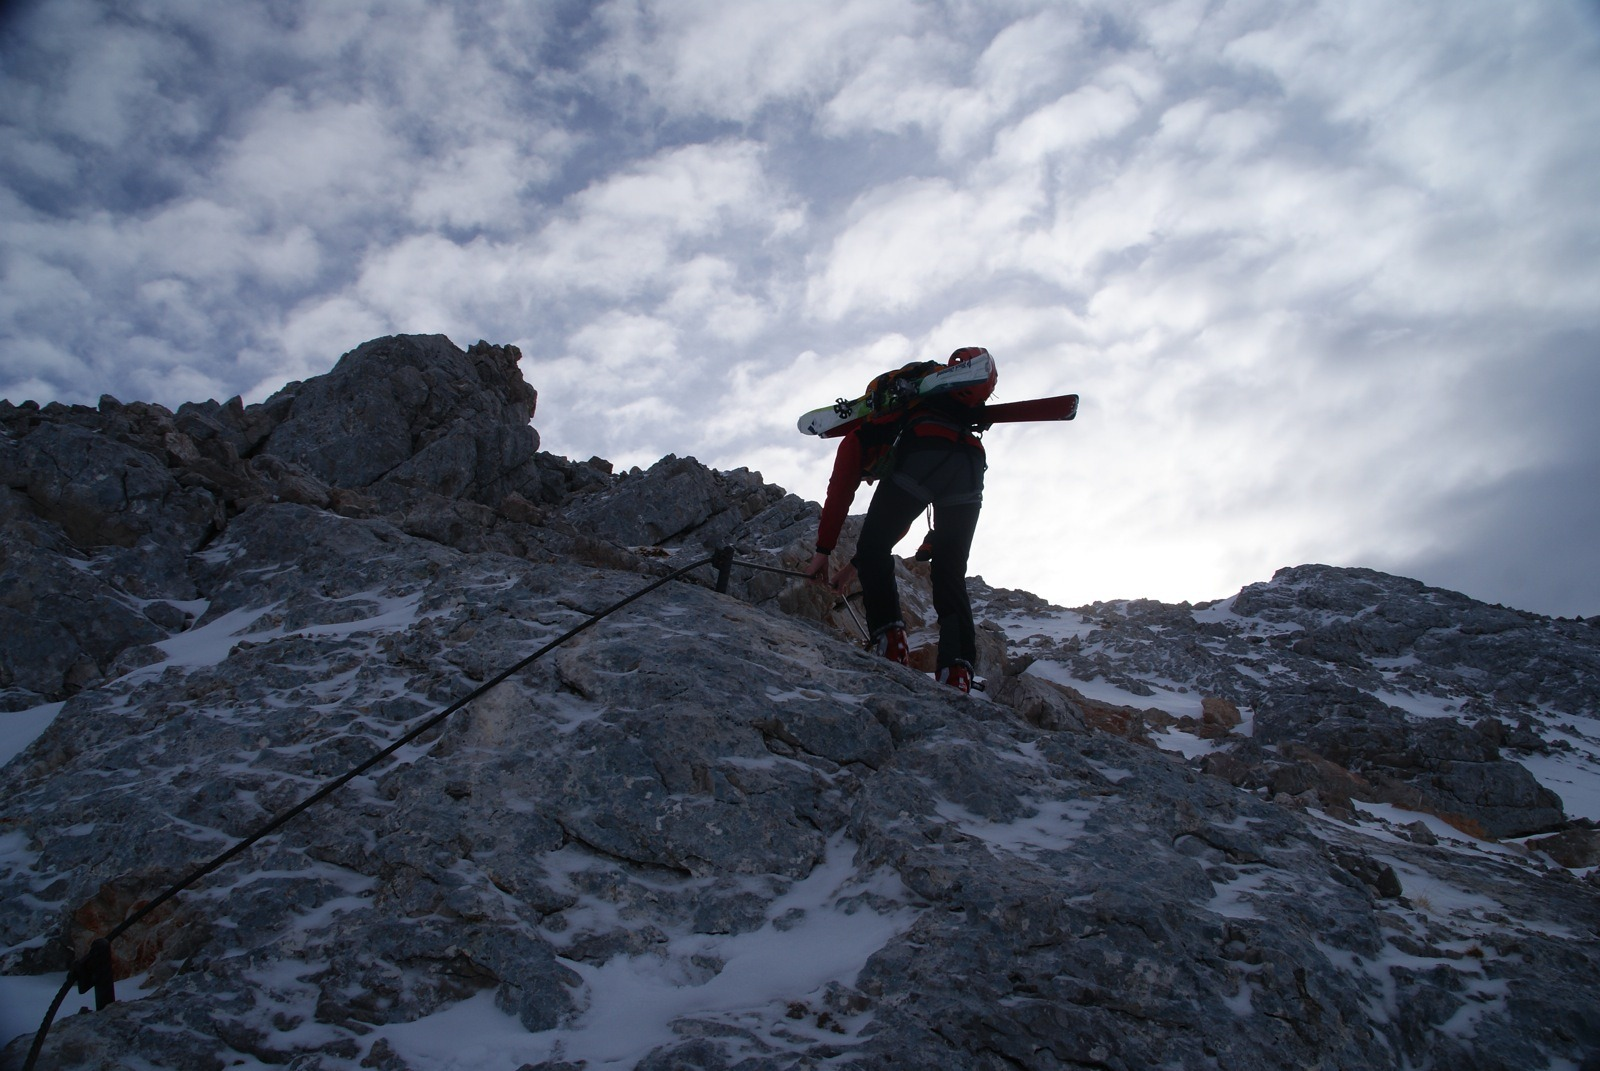 Dachtsein, 07.01.2011 - 091